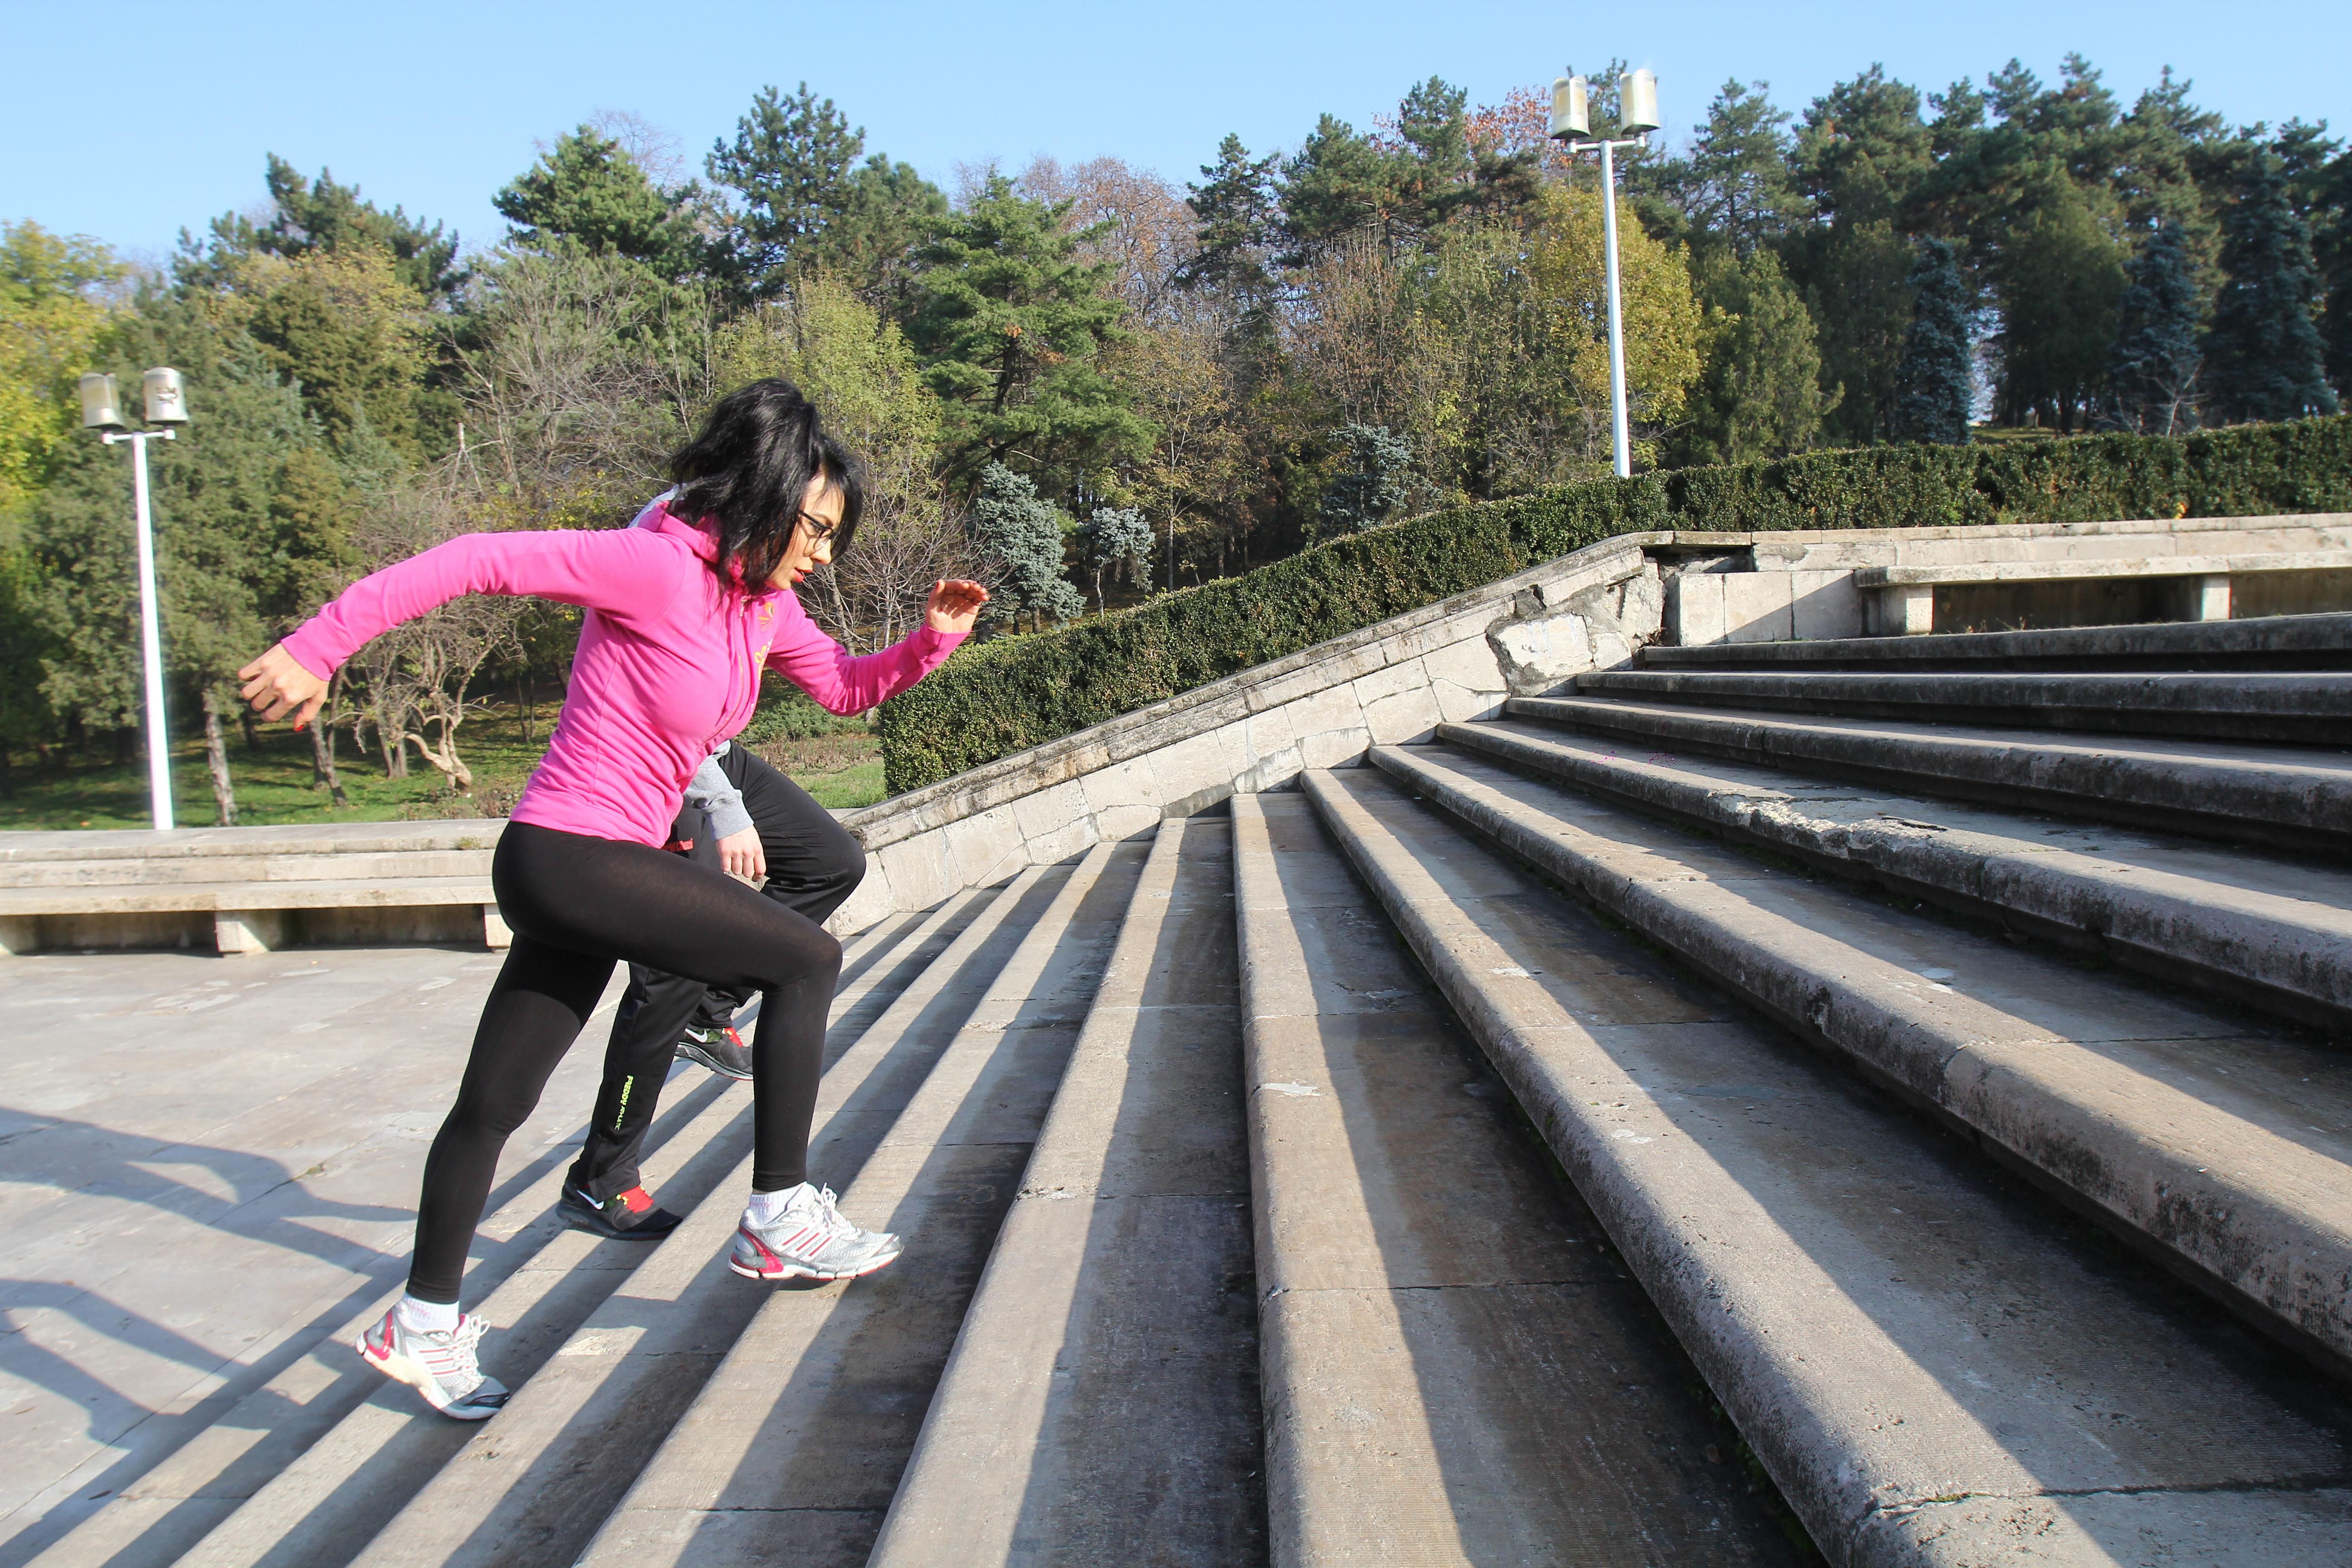 Alaturi de antrenorul ei, Wanda urca de cinci ori, in ritm alert, scarile din parc, inj total fiind 600 de trepte